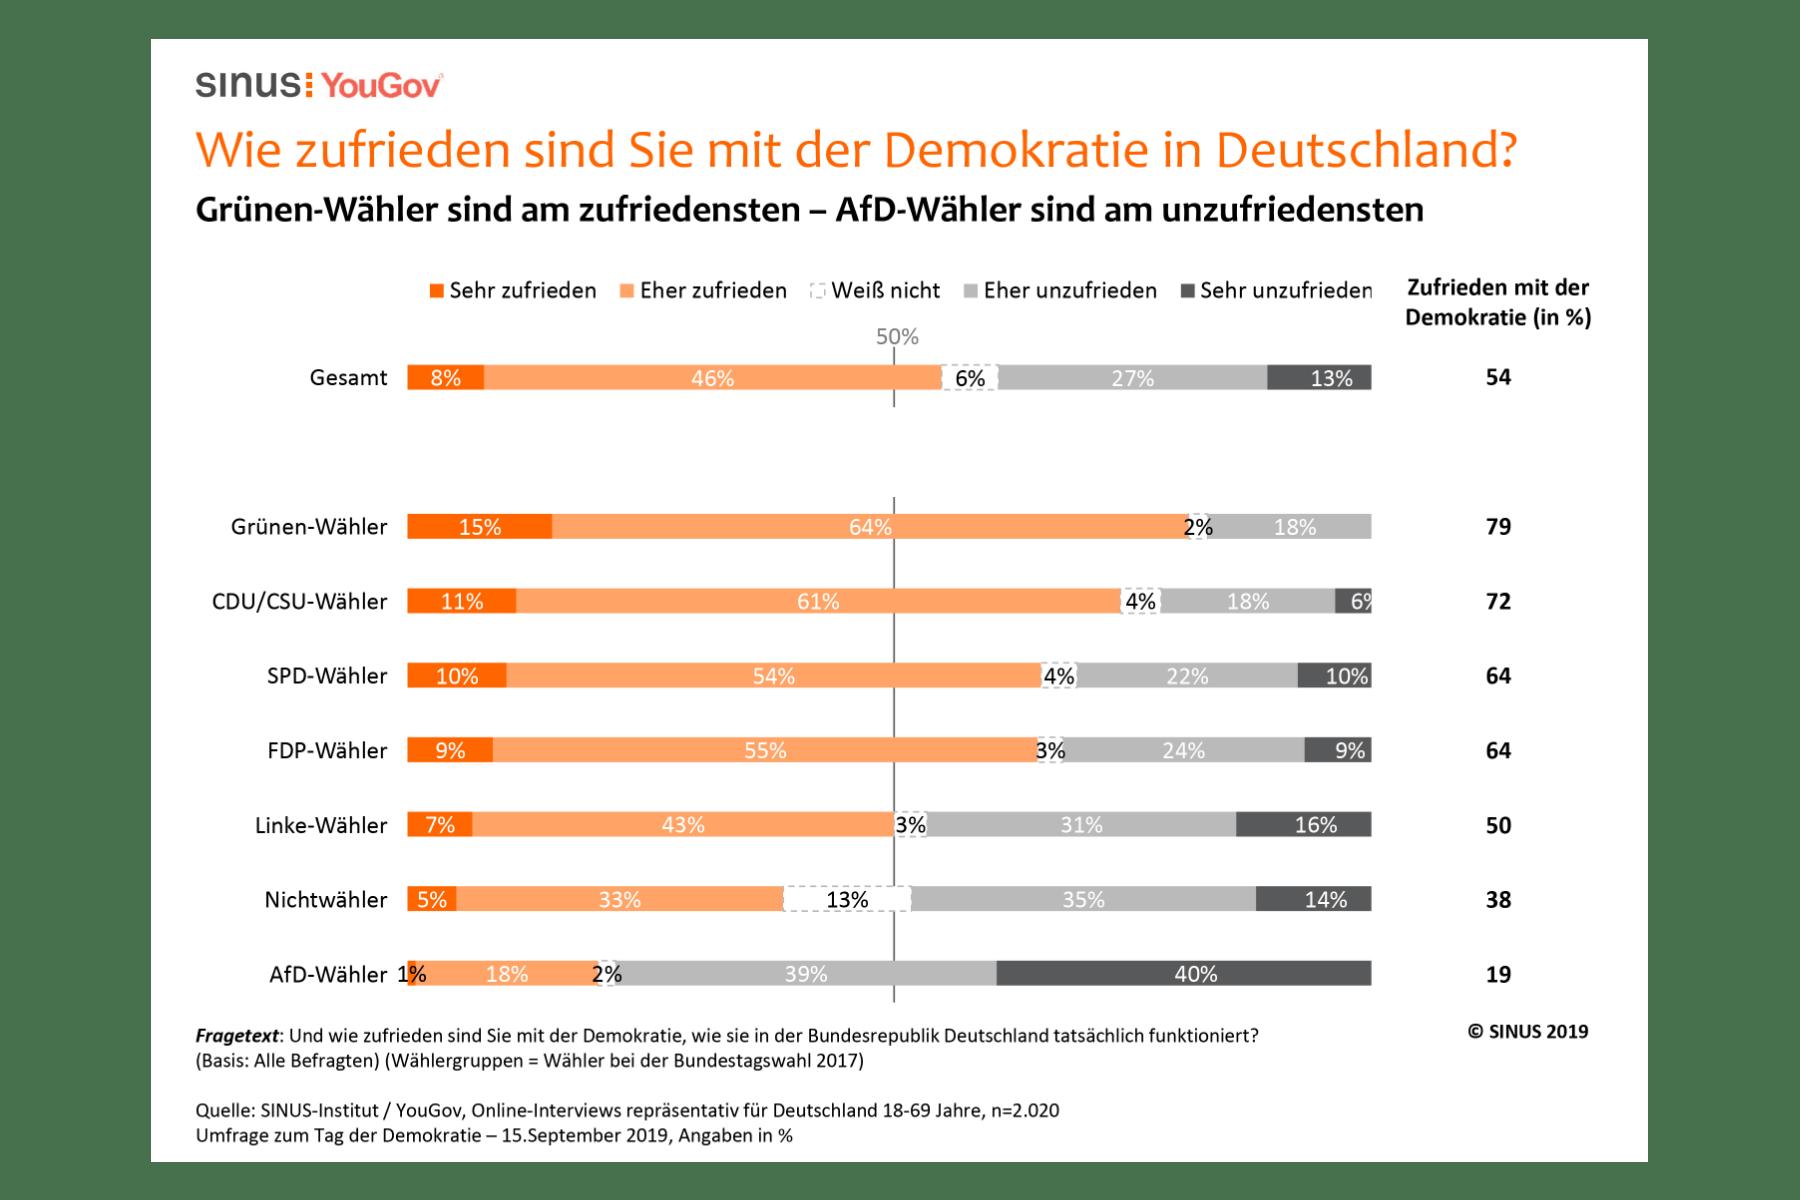 Grafik – Die Hälfte der Deutschen sieht die Demokratie in Gefahr